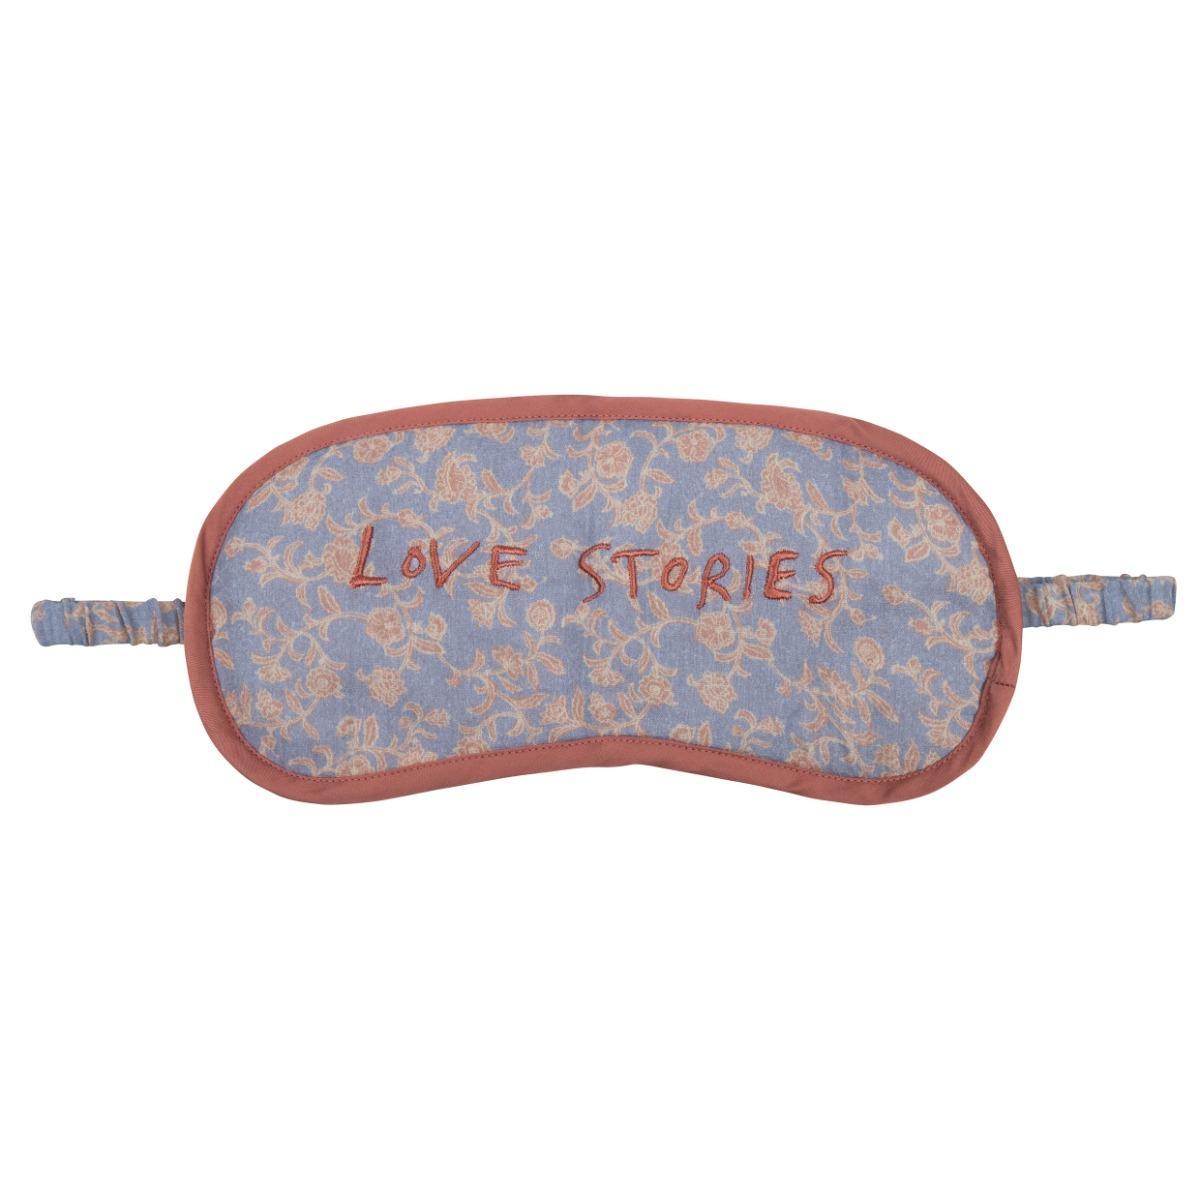 Love stories Eyemask & Carrier Bag